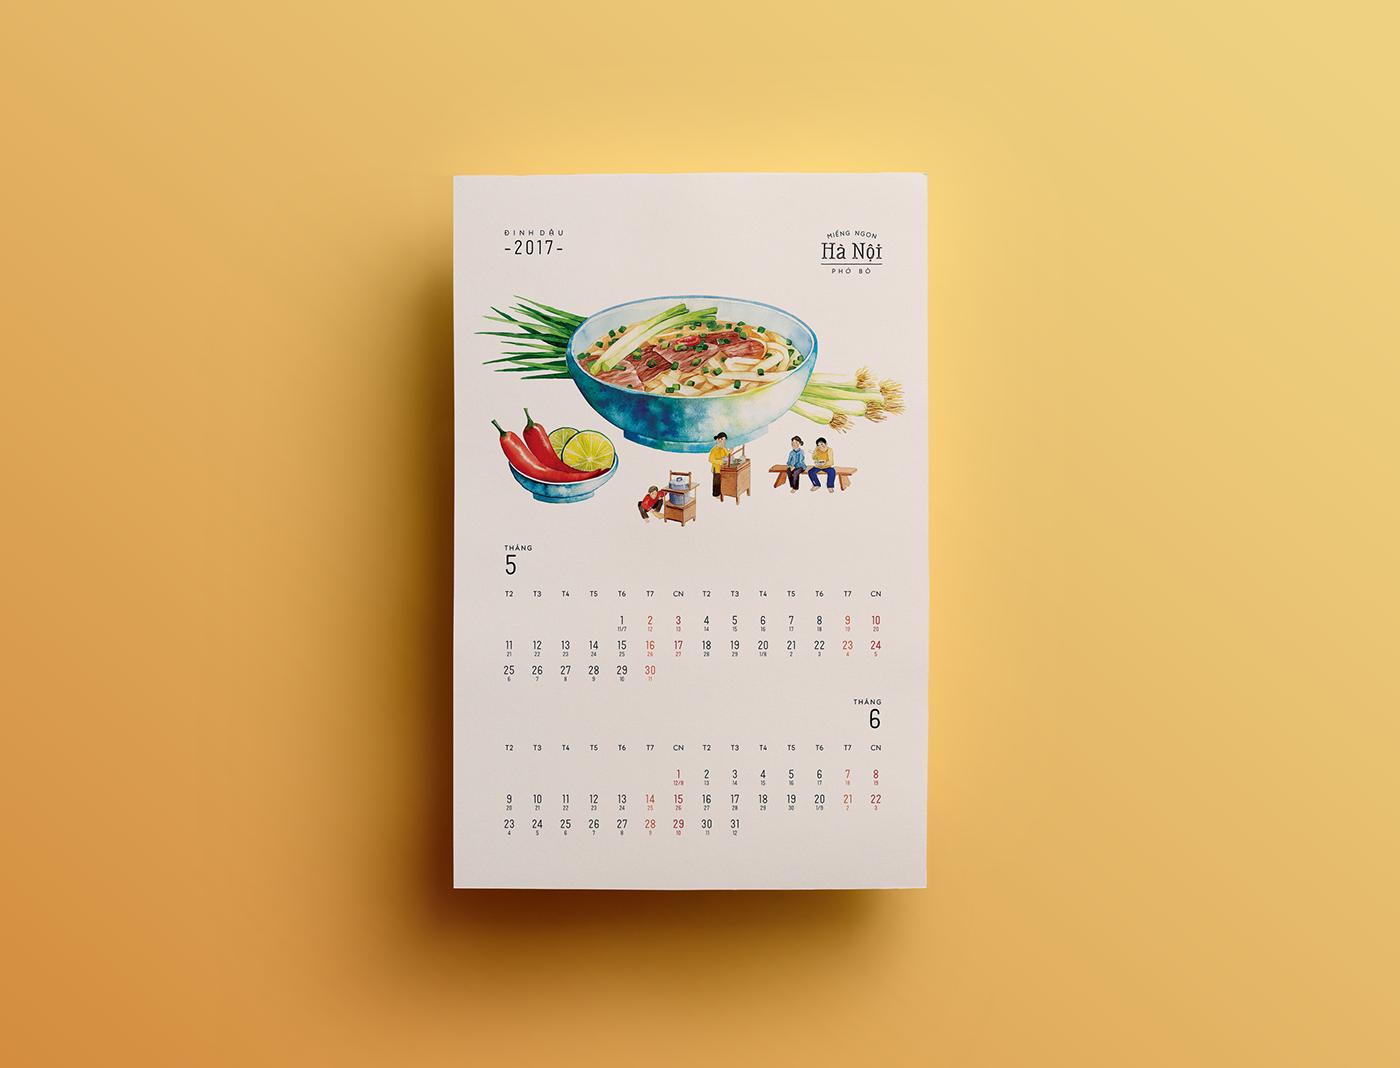 A-taste-of-hanoi-11